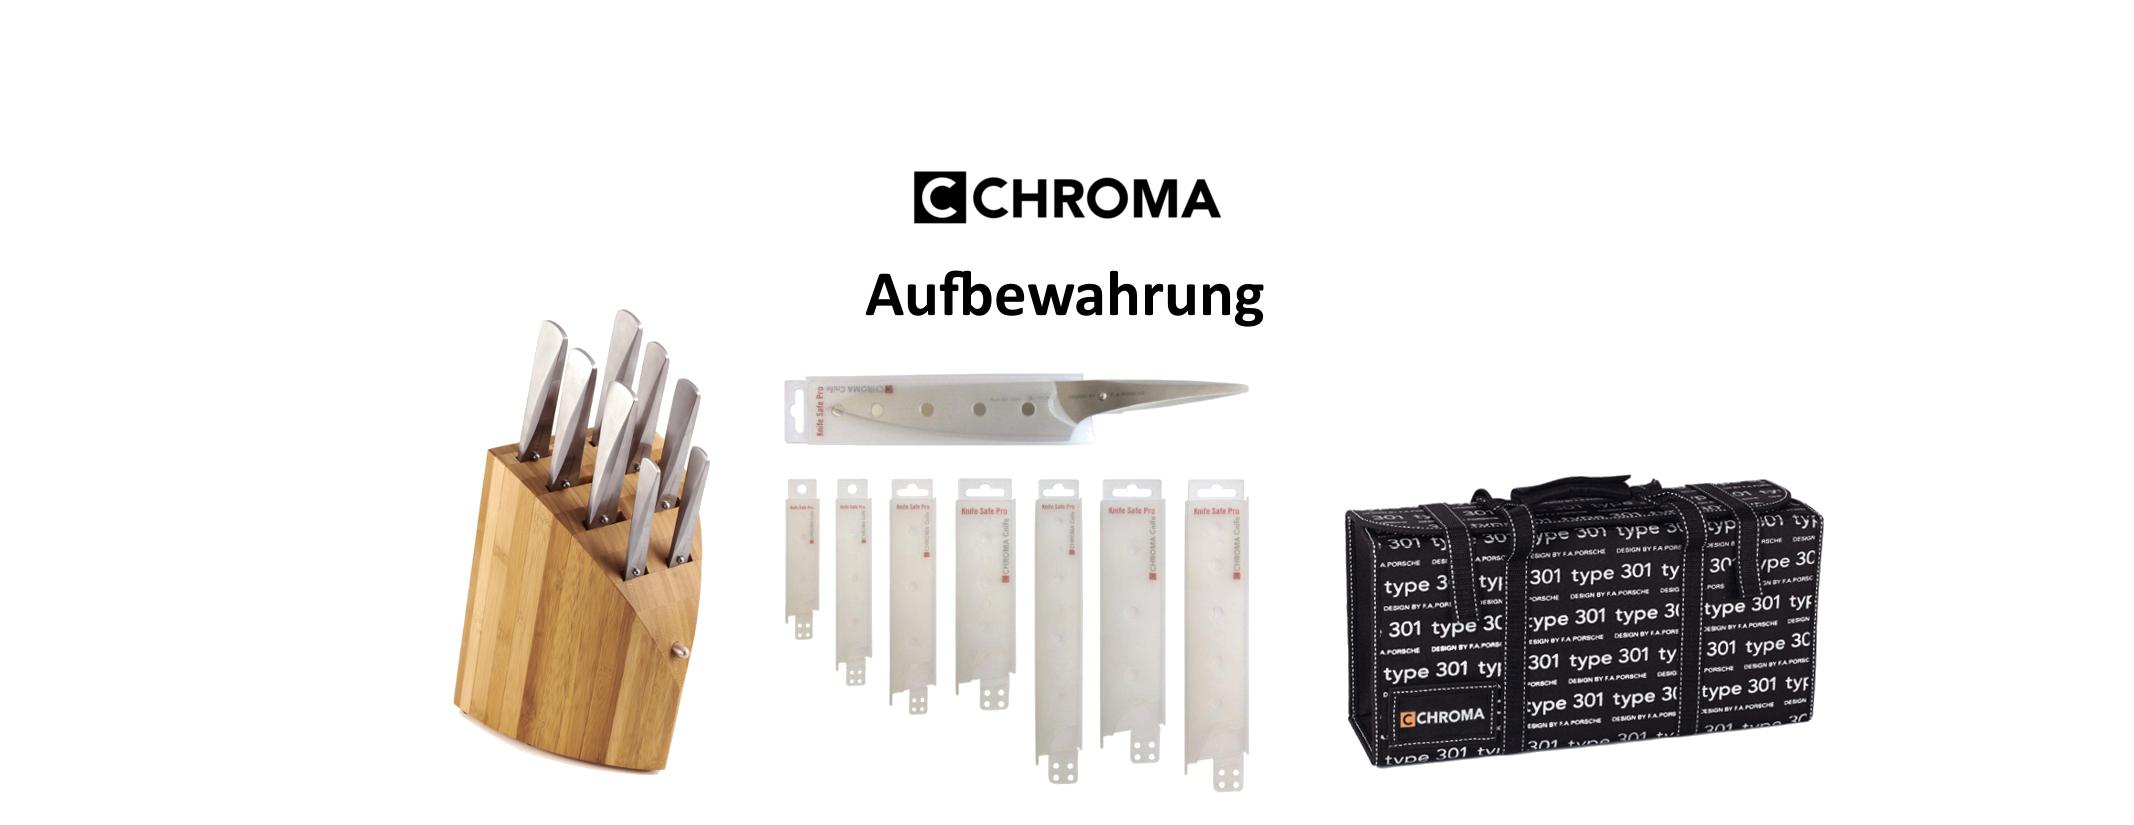 CHROMA Aufbewahrung Messerblock Messertasche Klingenschutz